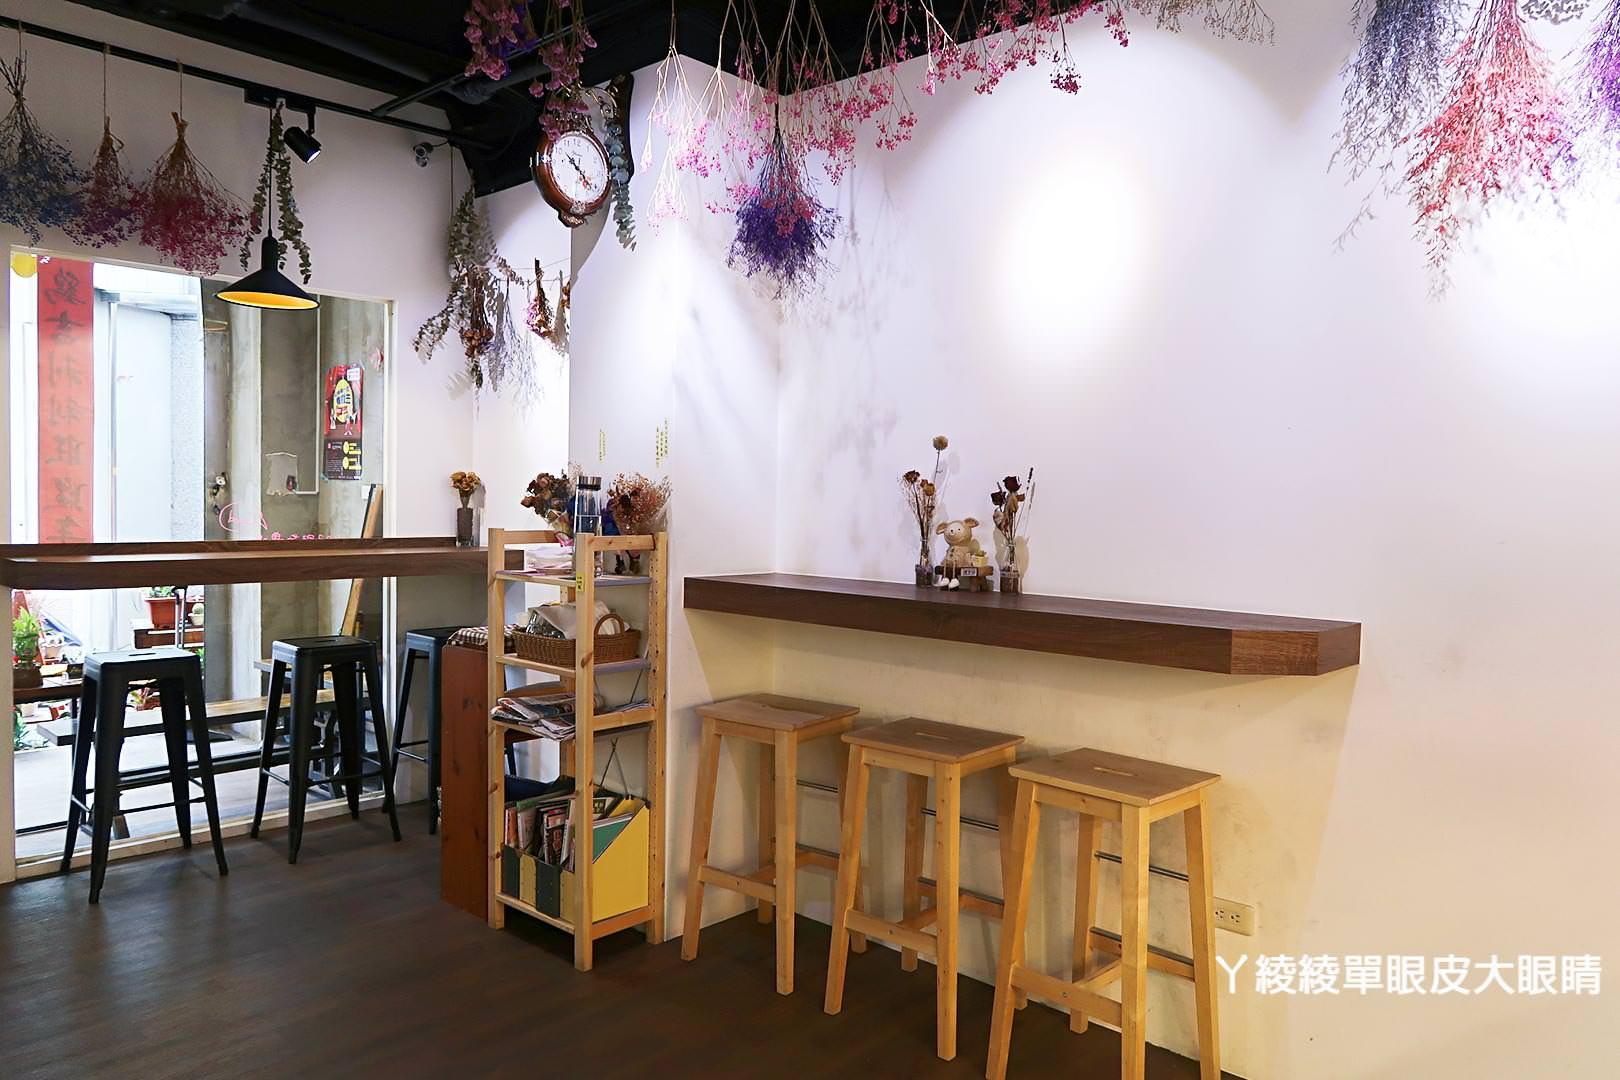 新竹早午餐|下午茶|鬆餅推薦,森林系女孩都愛的文藝咖啡廳About Cafe